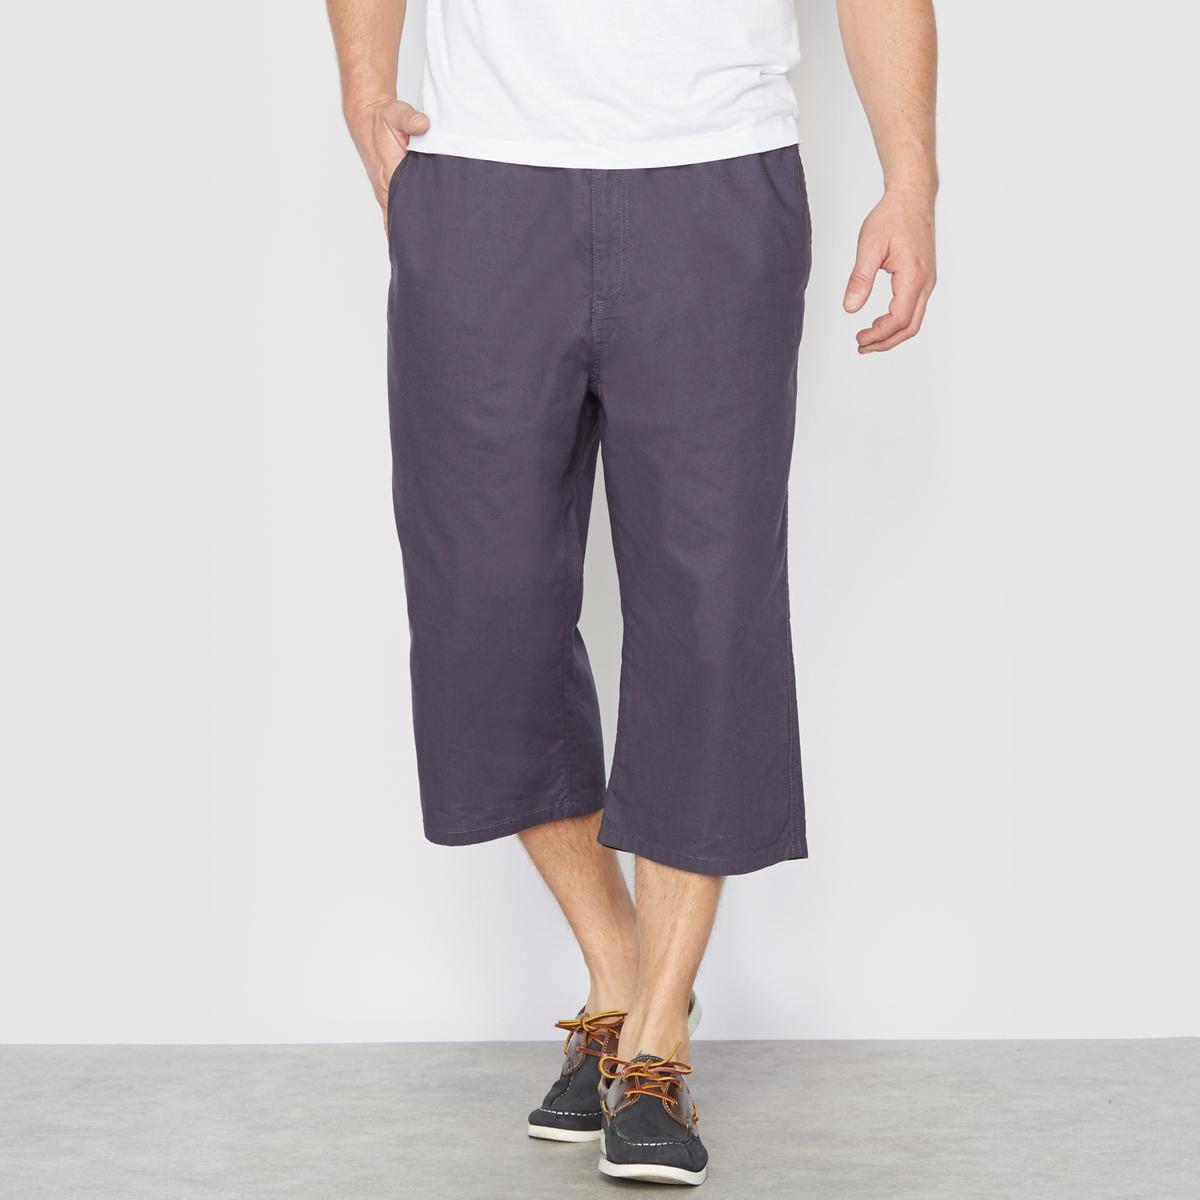 Капри из коллекции больших размеров одежда больших размеров 2015 mm 200